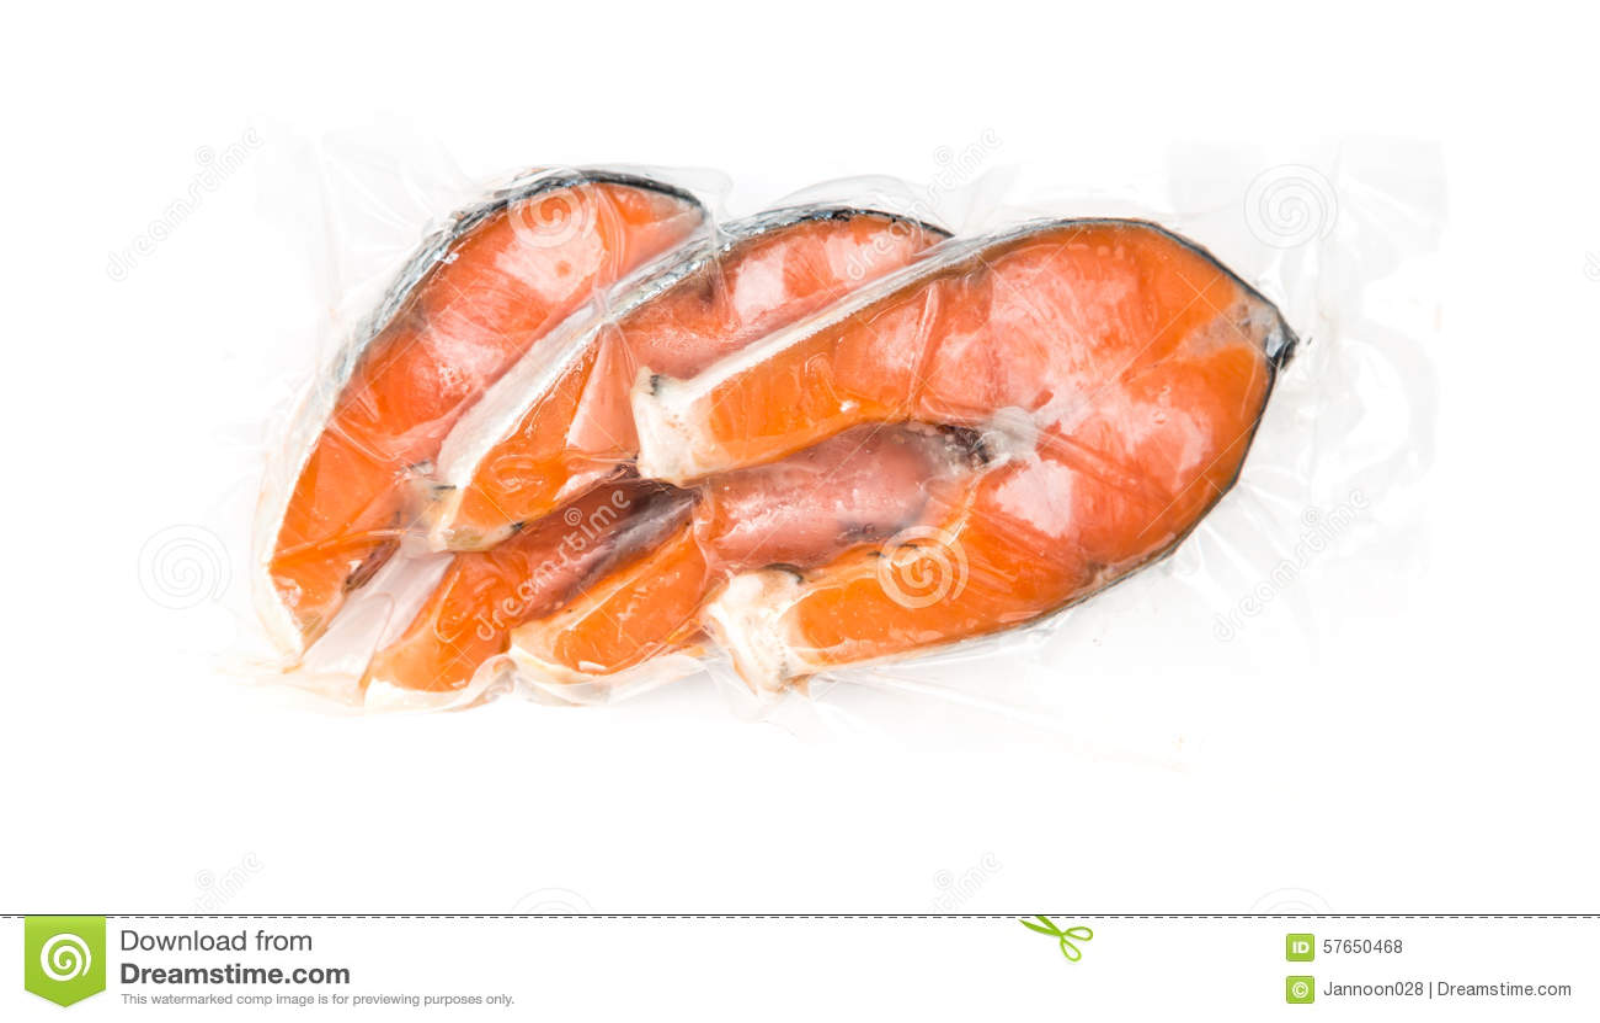 Filetes de color salmón congelados